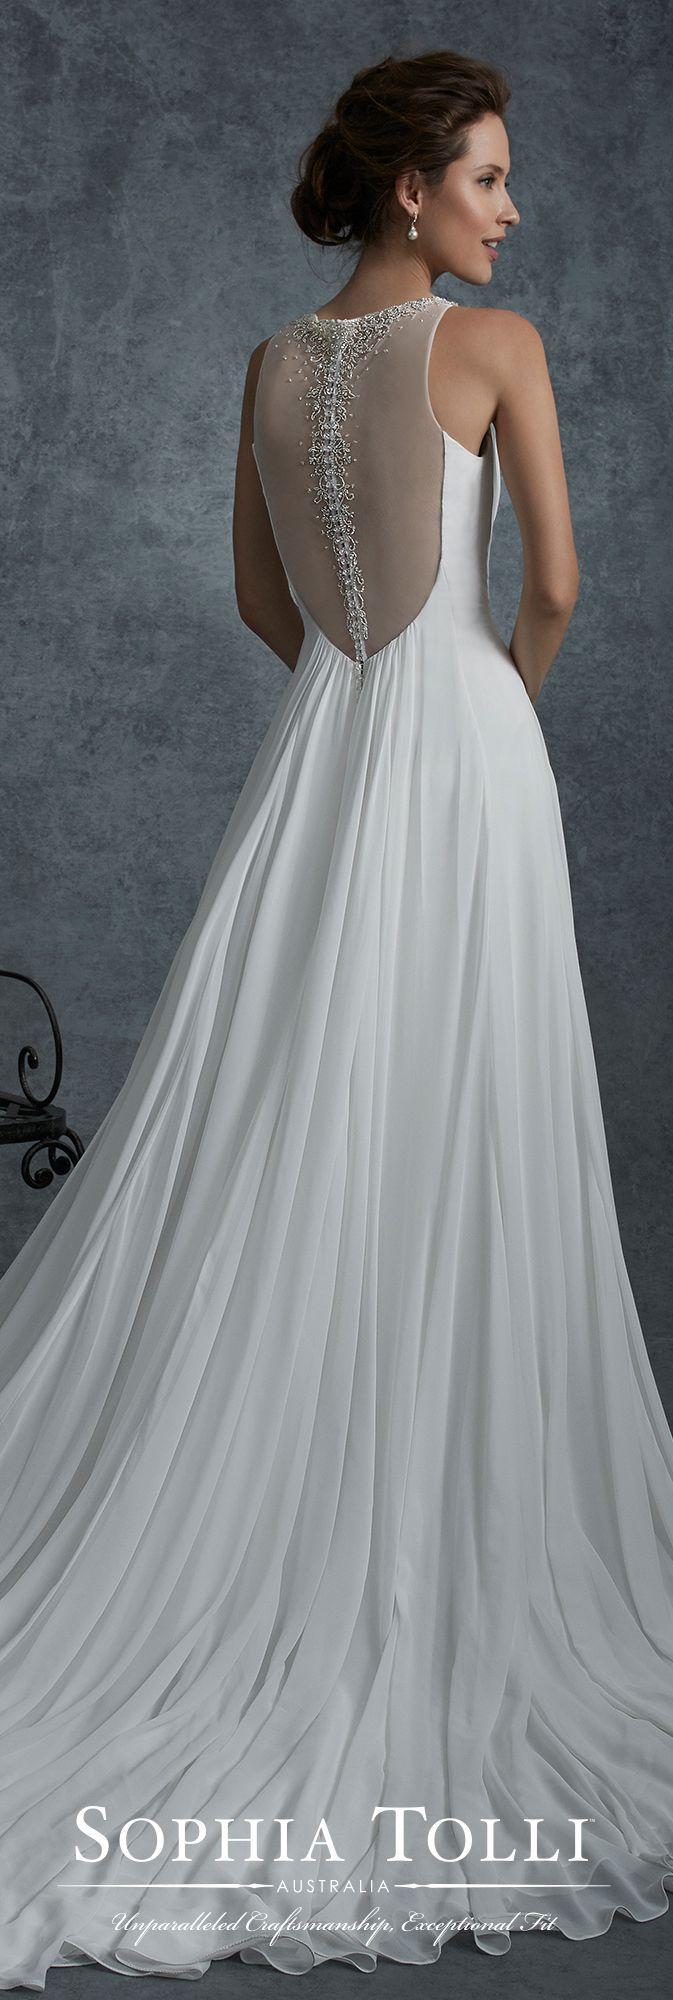 زفاف - Chiffon Sleeveless Wedding Dress With Illusion Back - Sophia Tolli Y21747